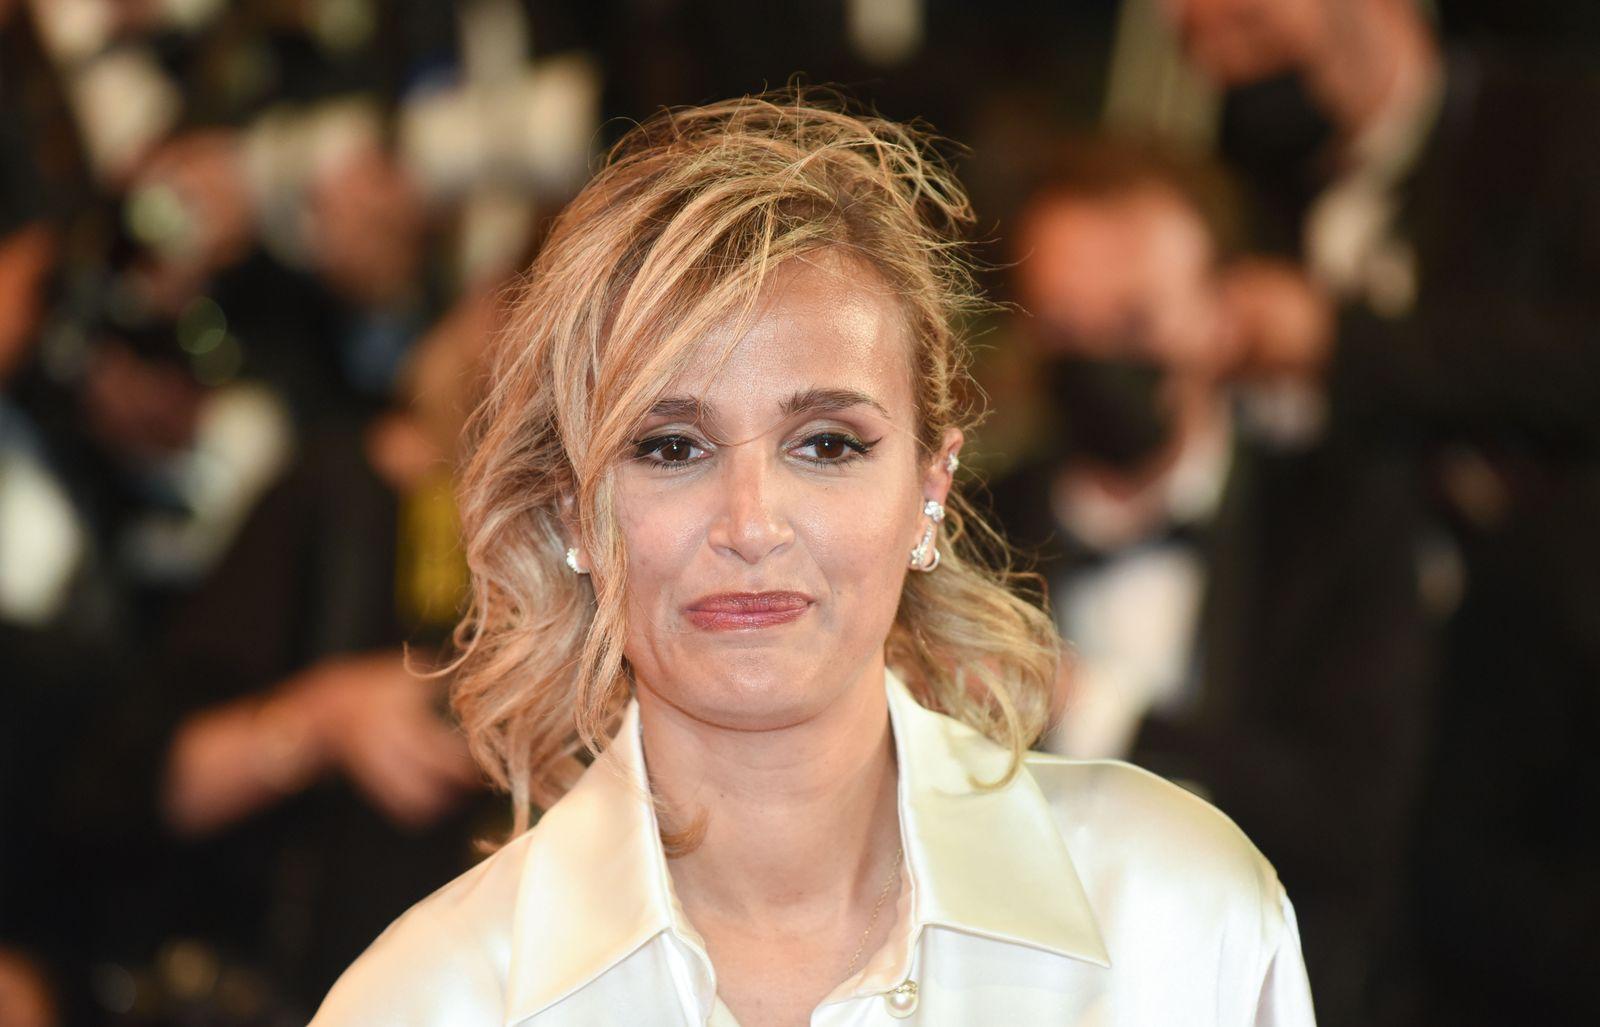 Julia Ducournau wins Palme d'Or for 'Titane'